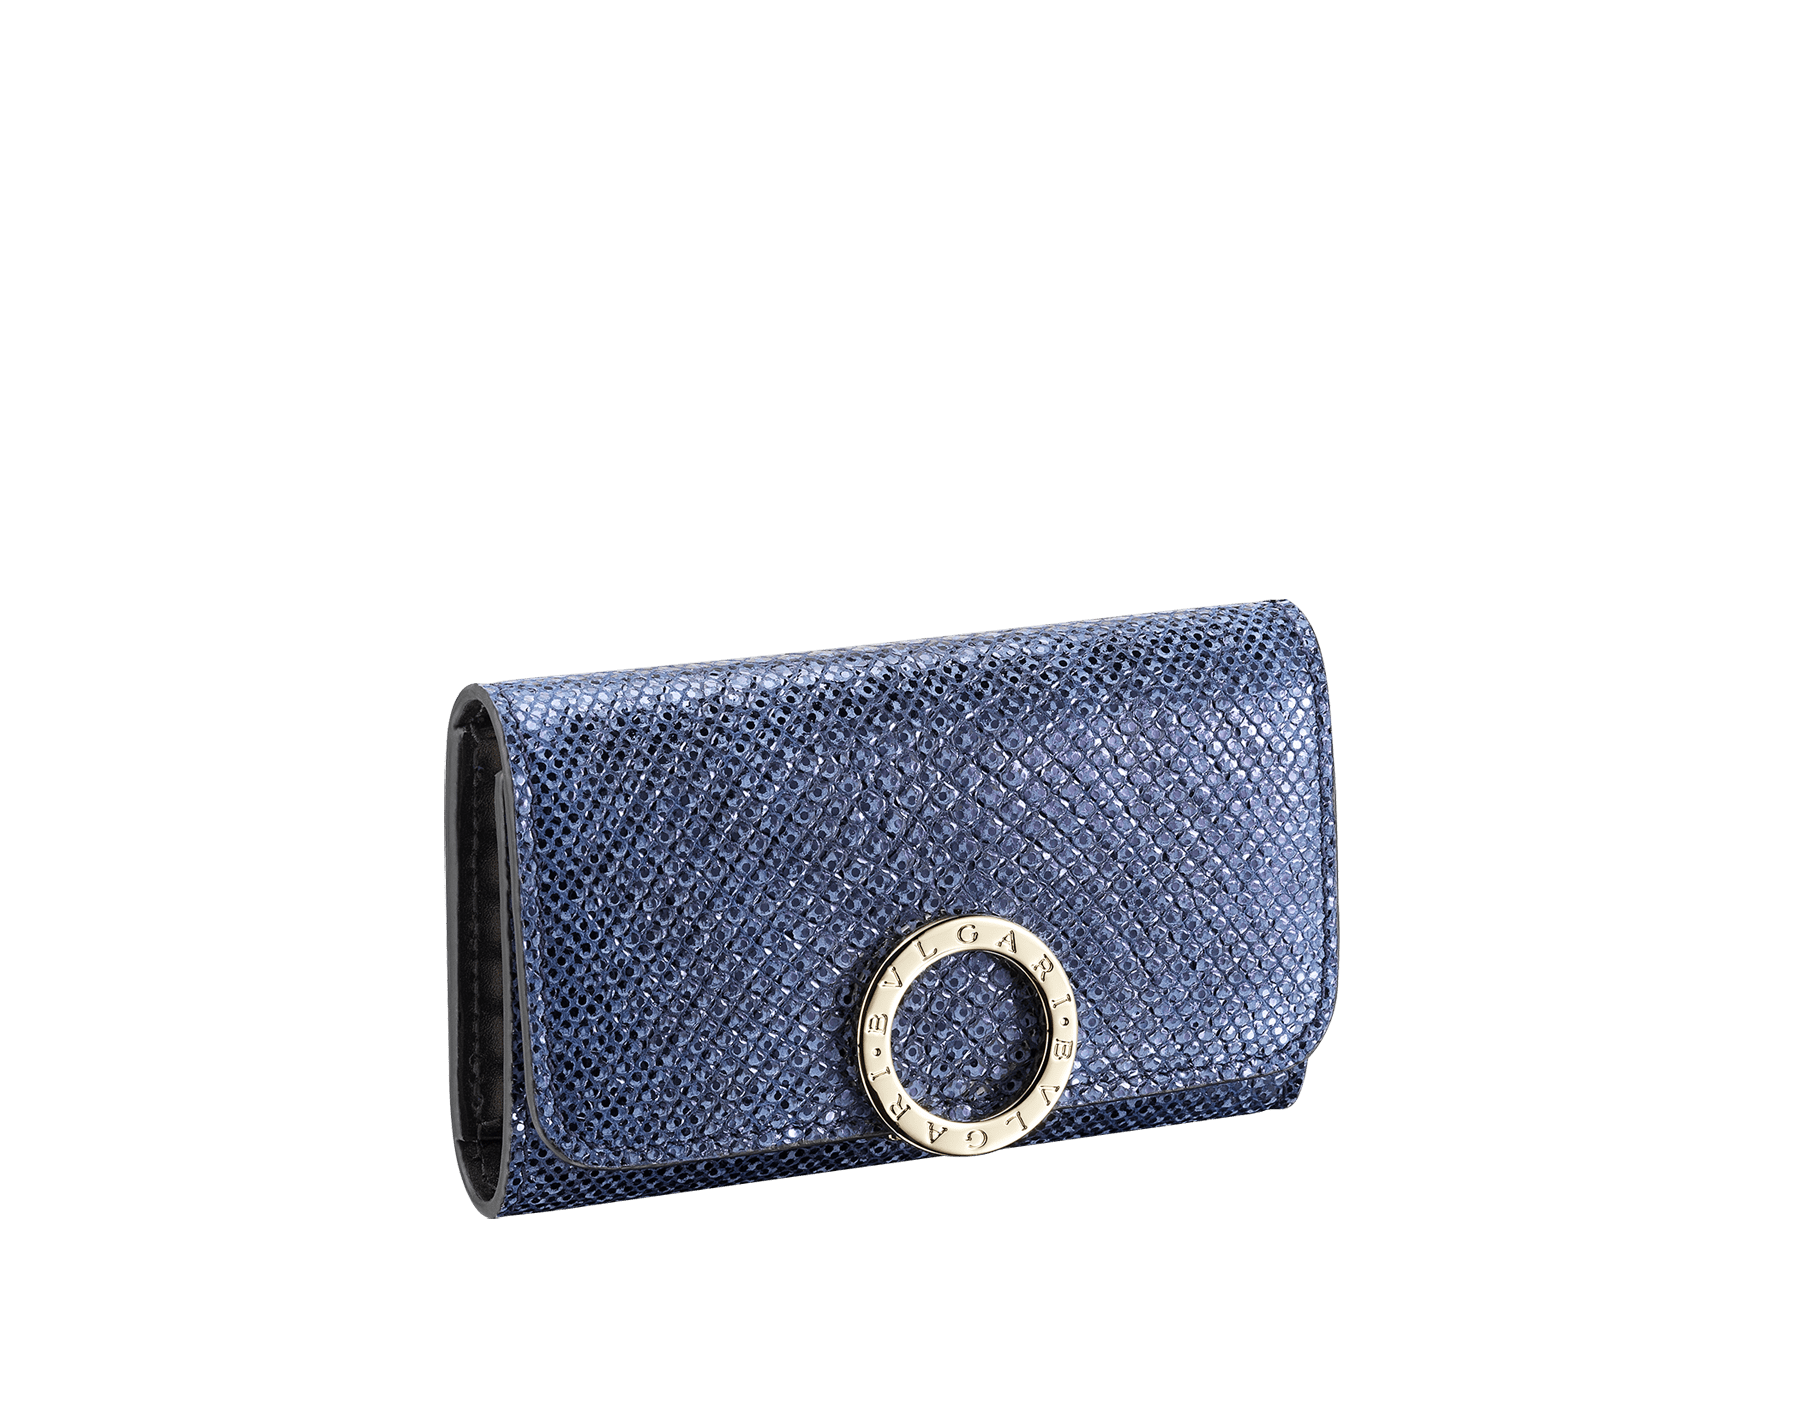 Petit porte-clés BVLGARI BVLGARI en karung métallisé couleur bleu Midnight Sapphire et cuir de veau noir. Fermoir emblématique orné du logo BVLGARI BVLGARI en laiton doré. 579-KEYHOLDER-S-MK image 1